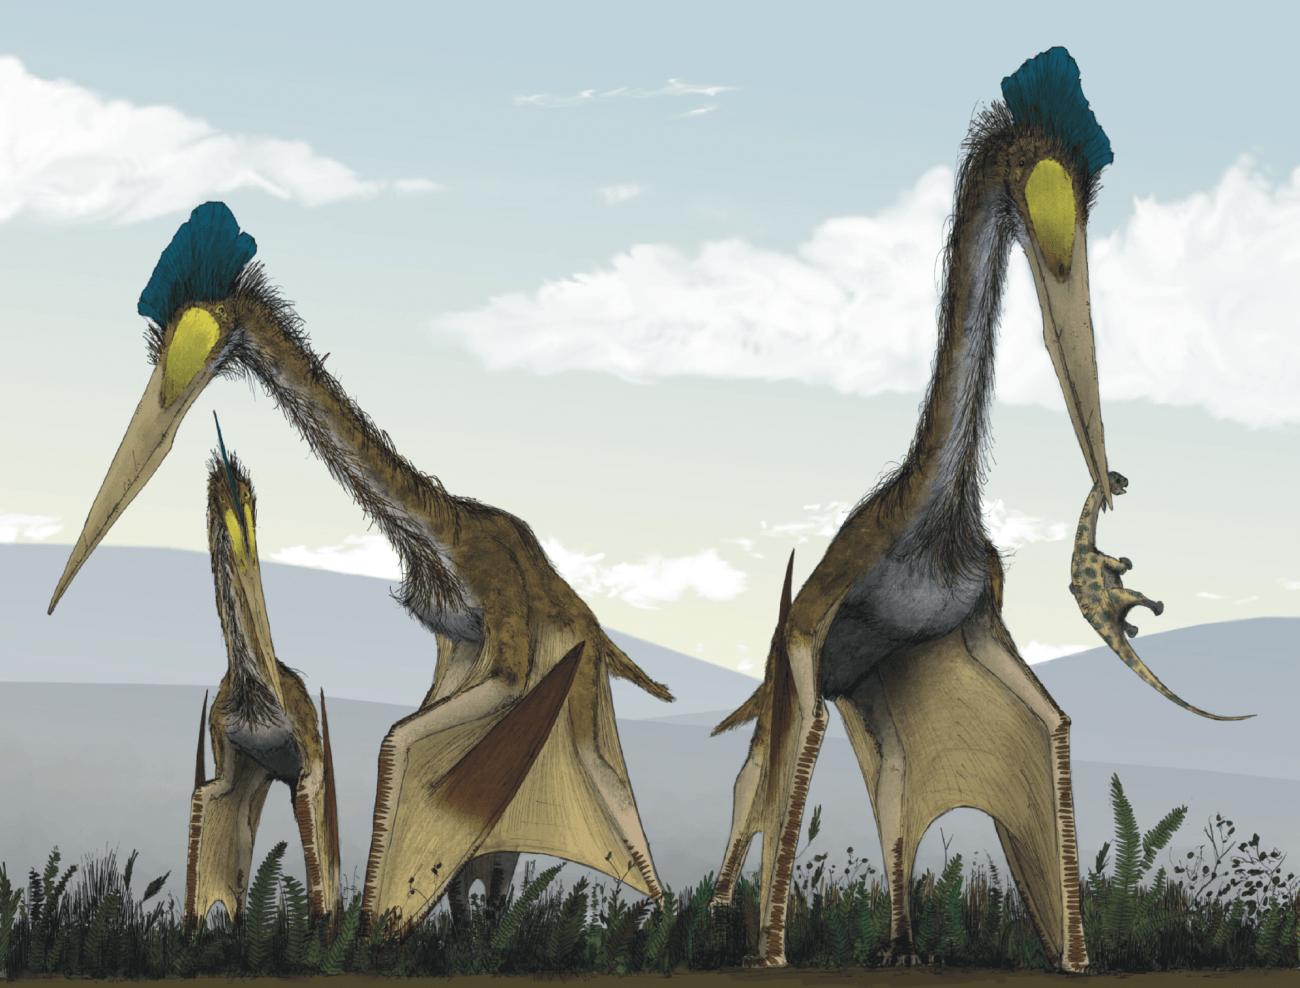 Reconstrucción artística de la vida de los azdárquidos gigantes. Grupo de Quetzalcoatlus northropi, alimentándose en una pradera de helechos cretáceos. Puede observarse a un Titanosaurio juvenil que ha sido capturado por uno de los Pterosaurios, mientras que los otros acechan a través de los matorrales en busca de pequeños vertebrados. /© Mark Witton